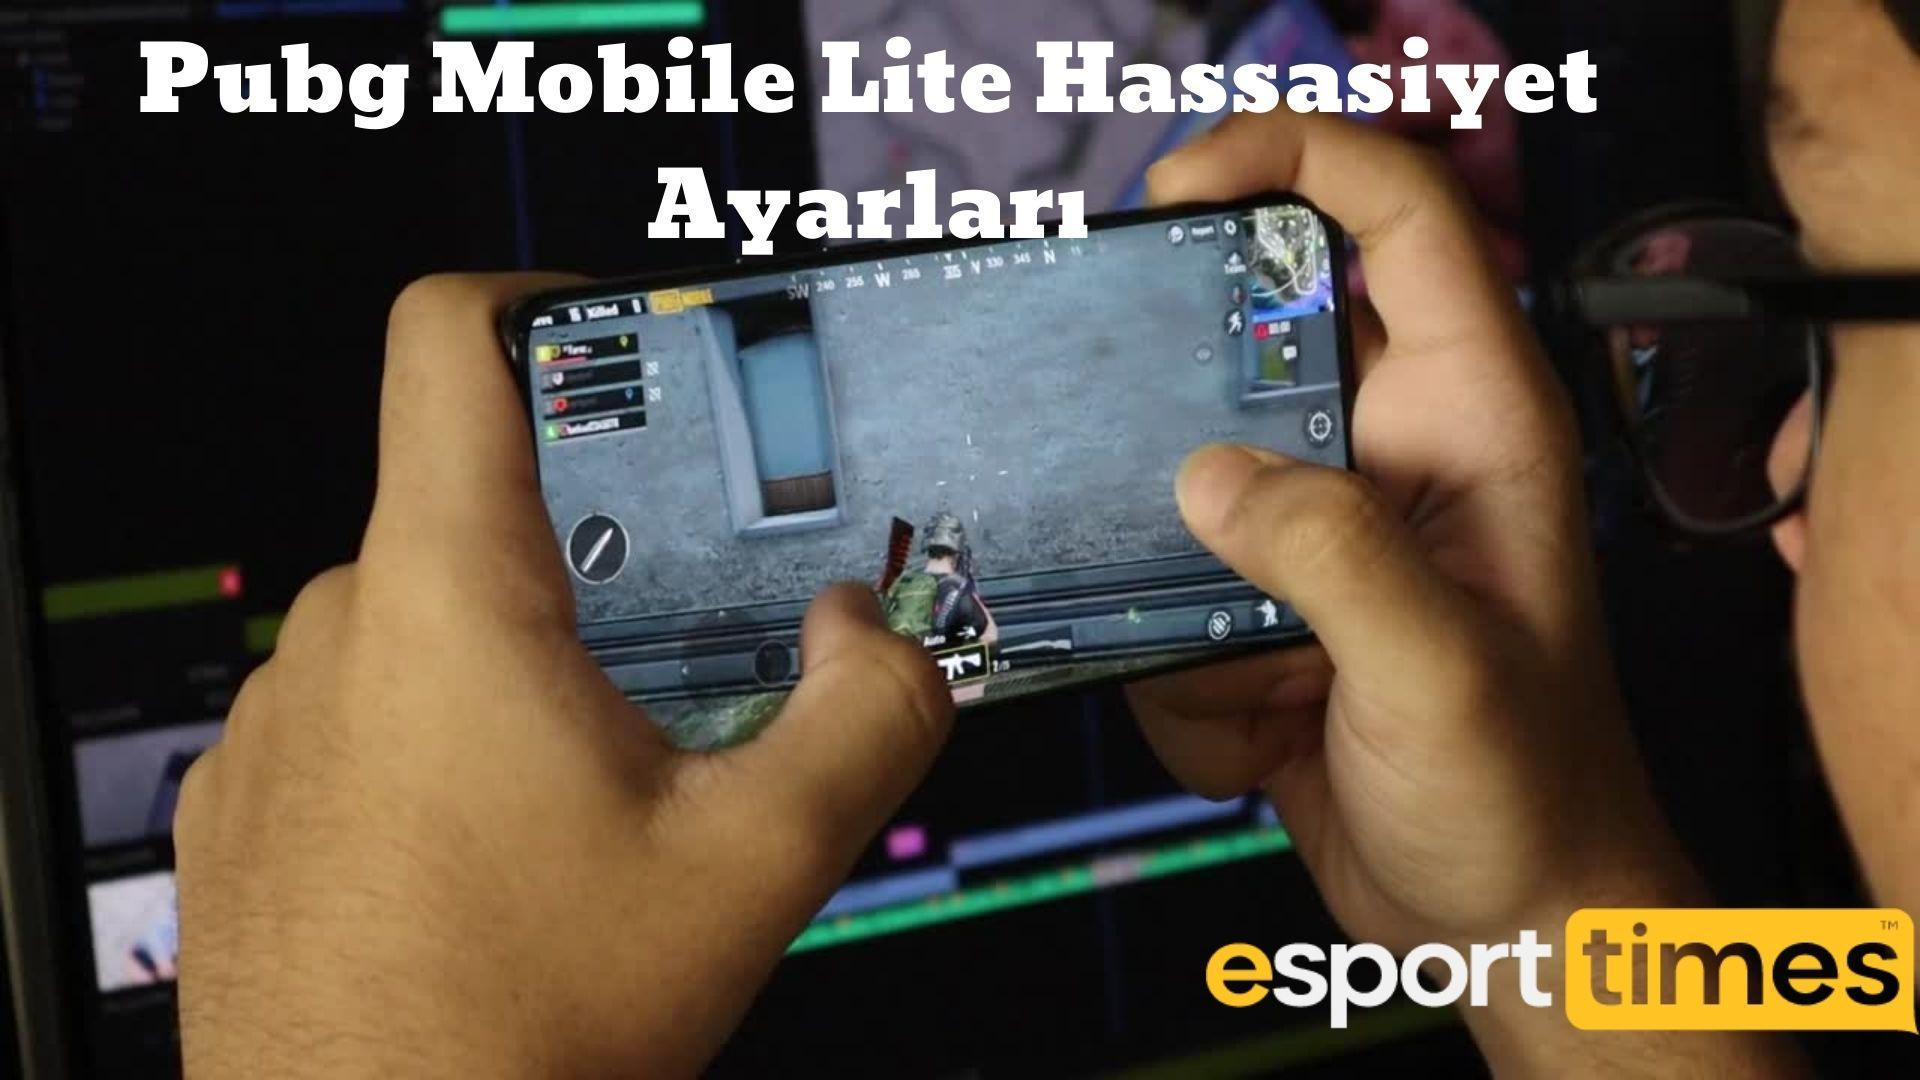 Pubg Mobile Lite Hassasiyet Ayarları esportimes